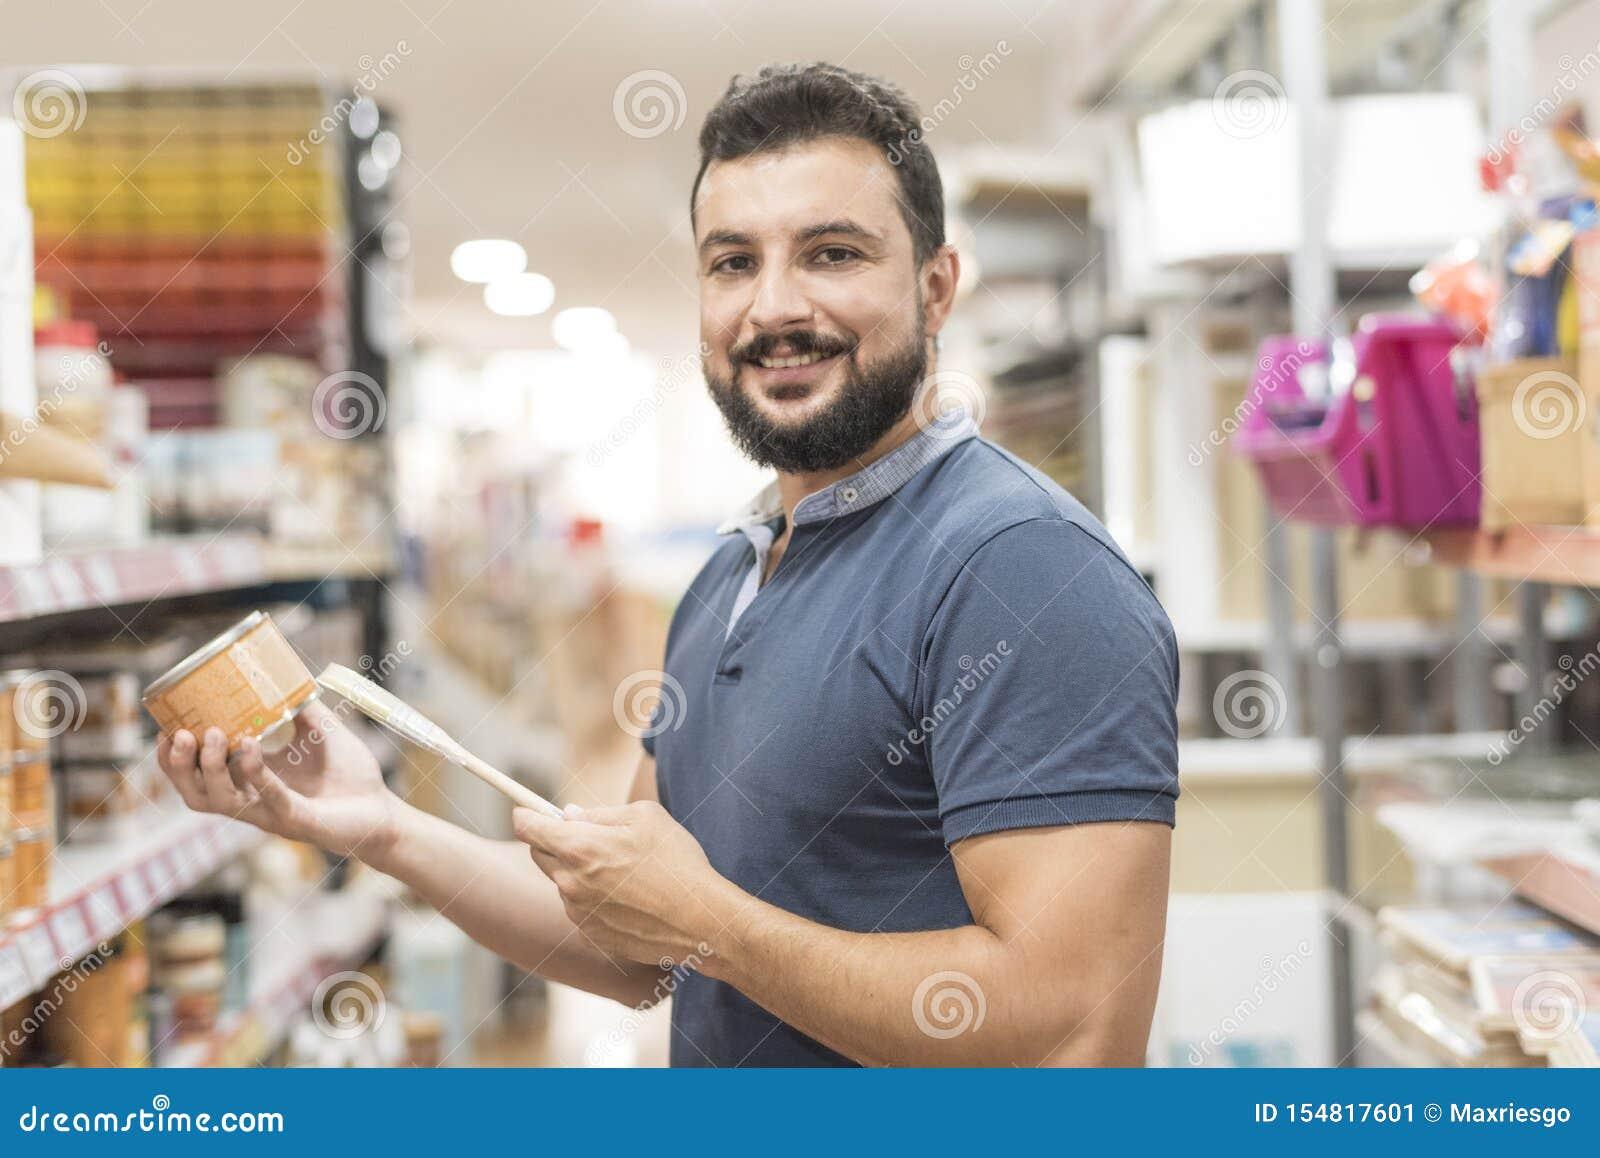 Pinturas de compra del hombre barbudo en supermercado y tienda de los artes